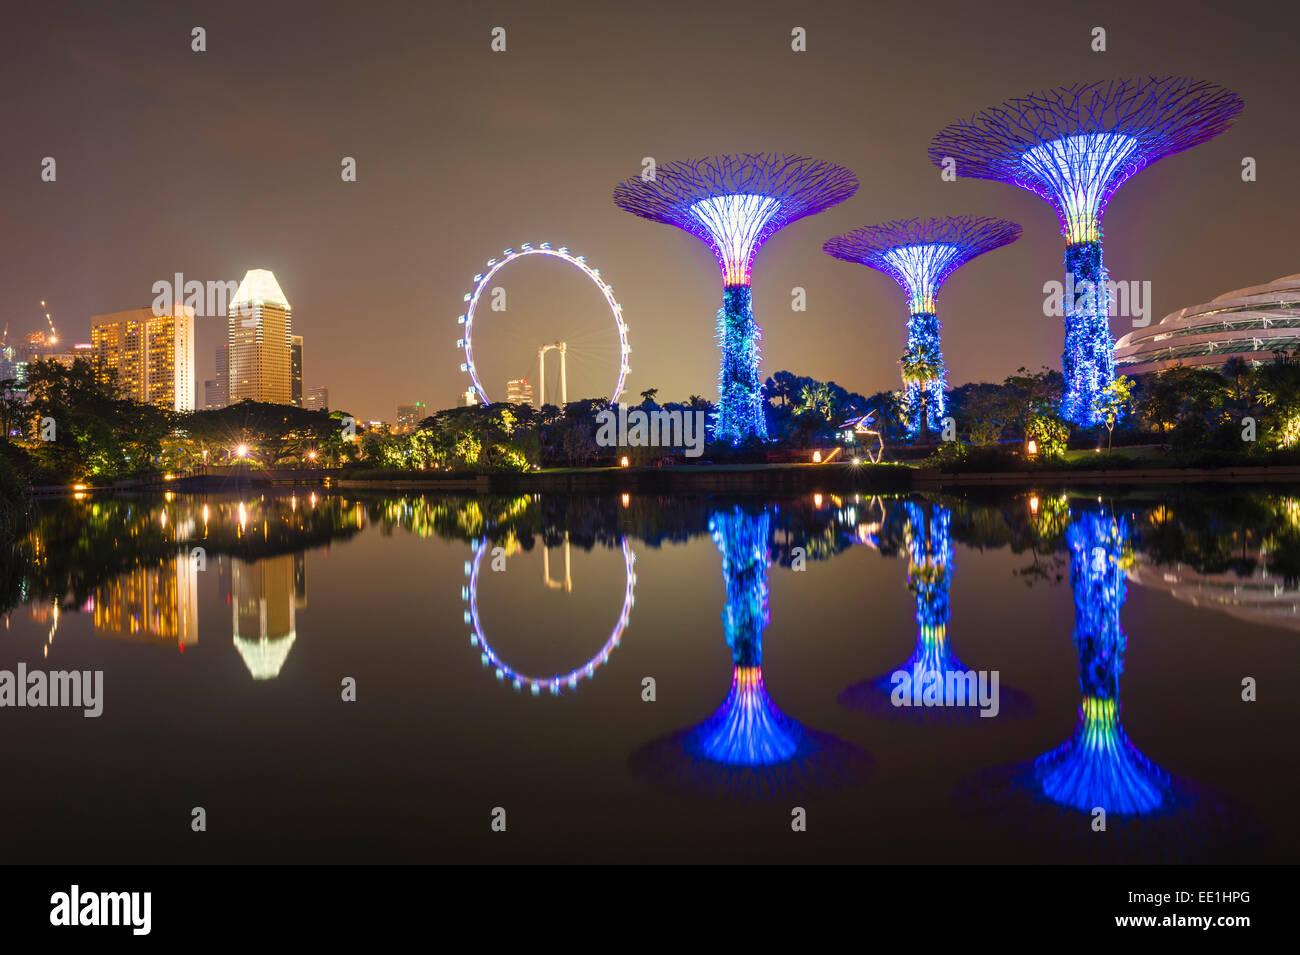 Gärten durch die Bucht Reflexion im Wasser bei Nacht, Singapur, Südostasien, Asien Stockbild